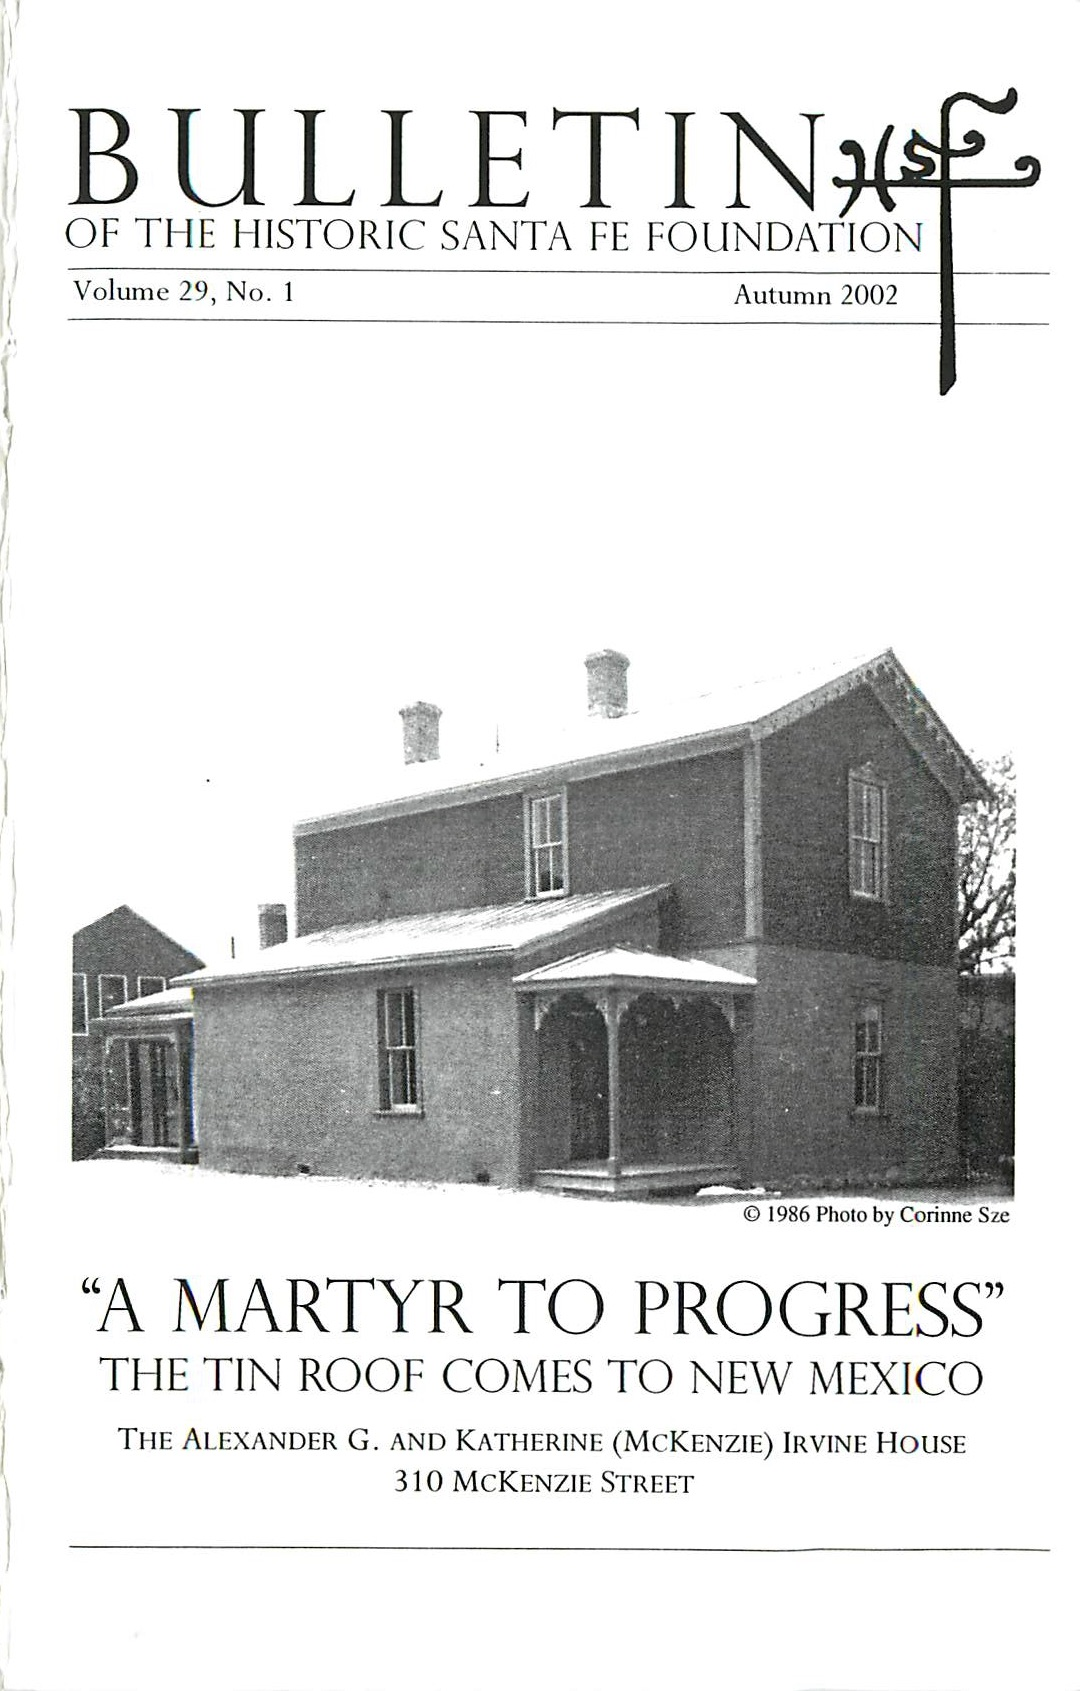 2002 HSFF Bulletin Vol.29 No.1 Cover